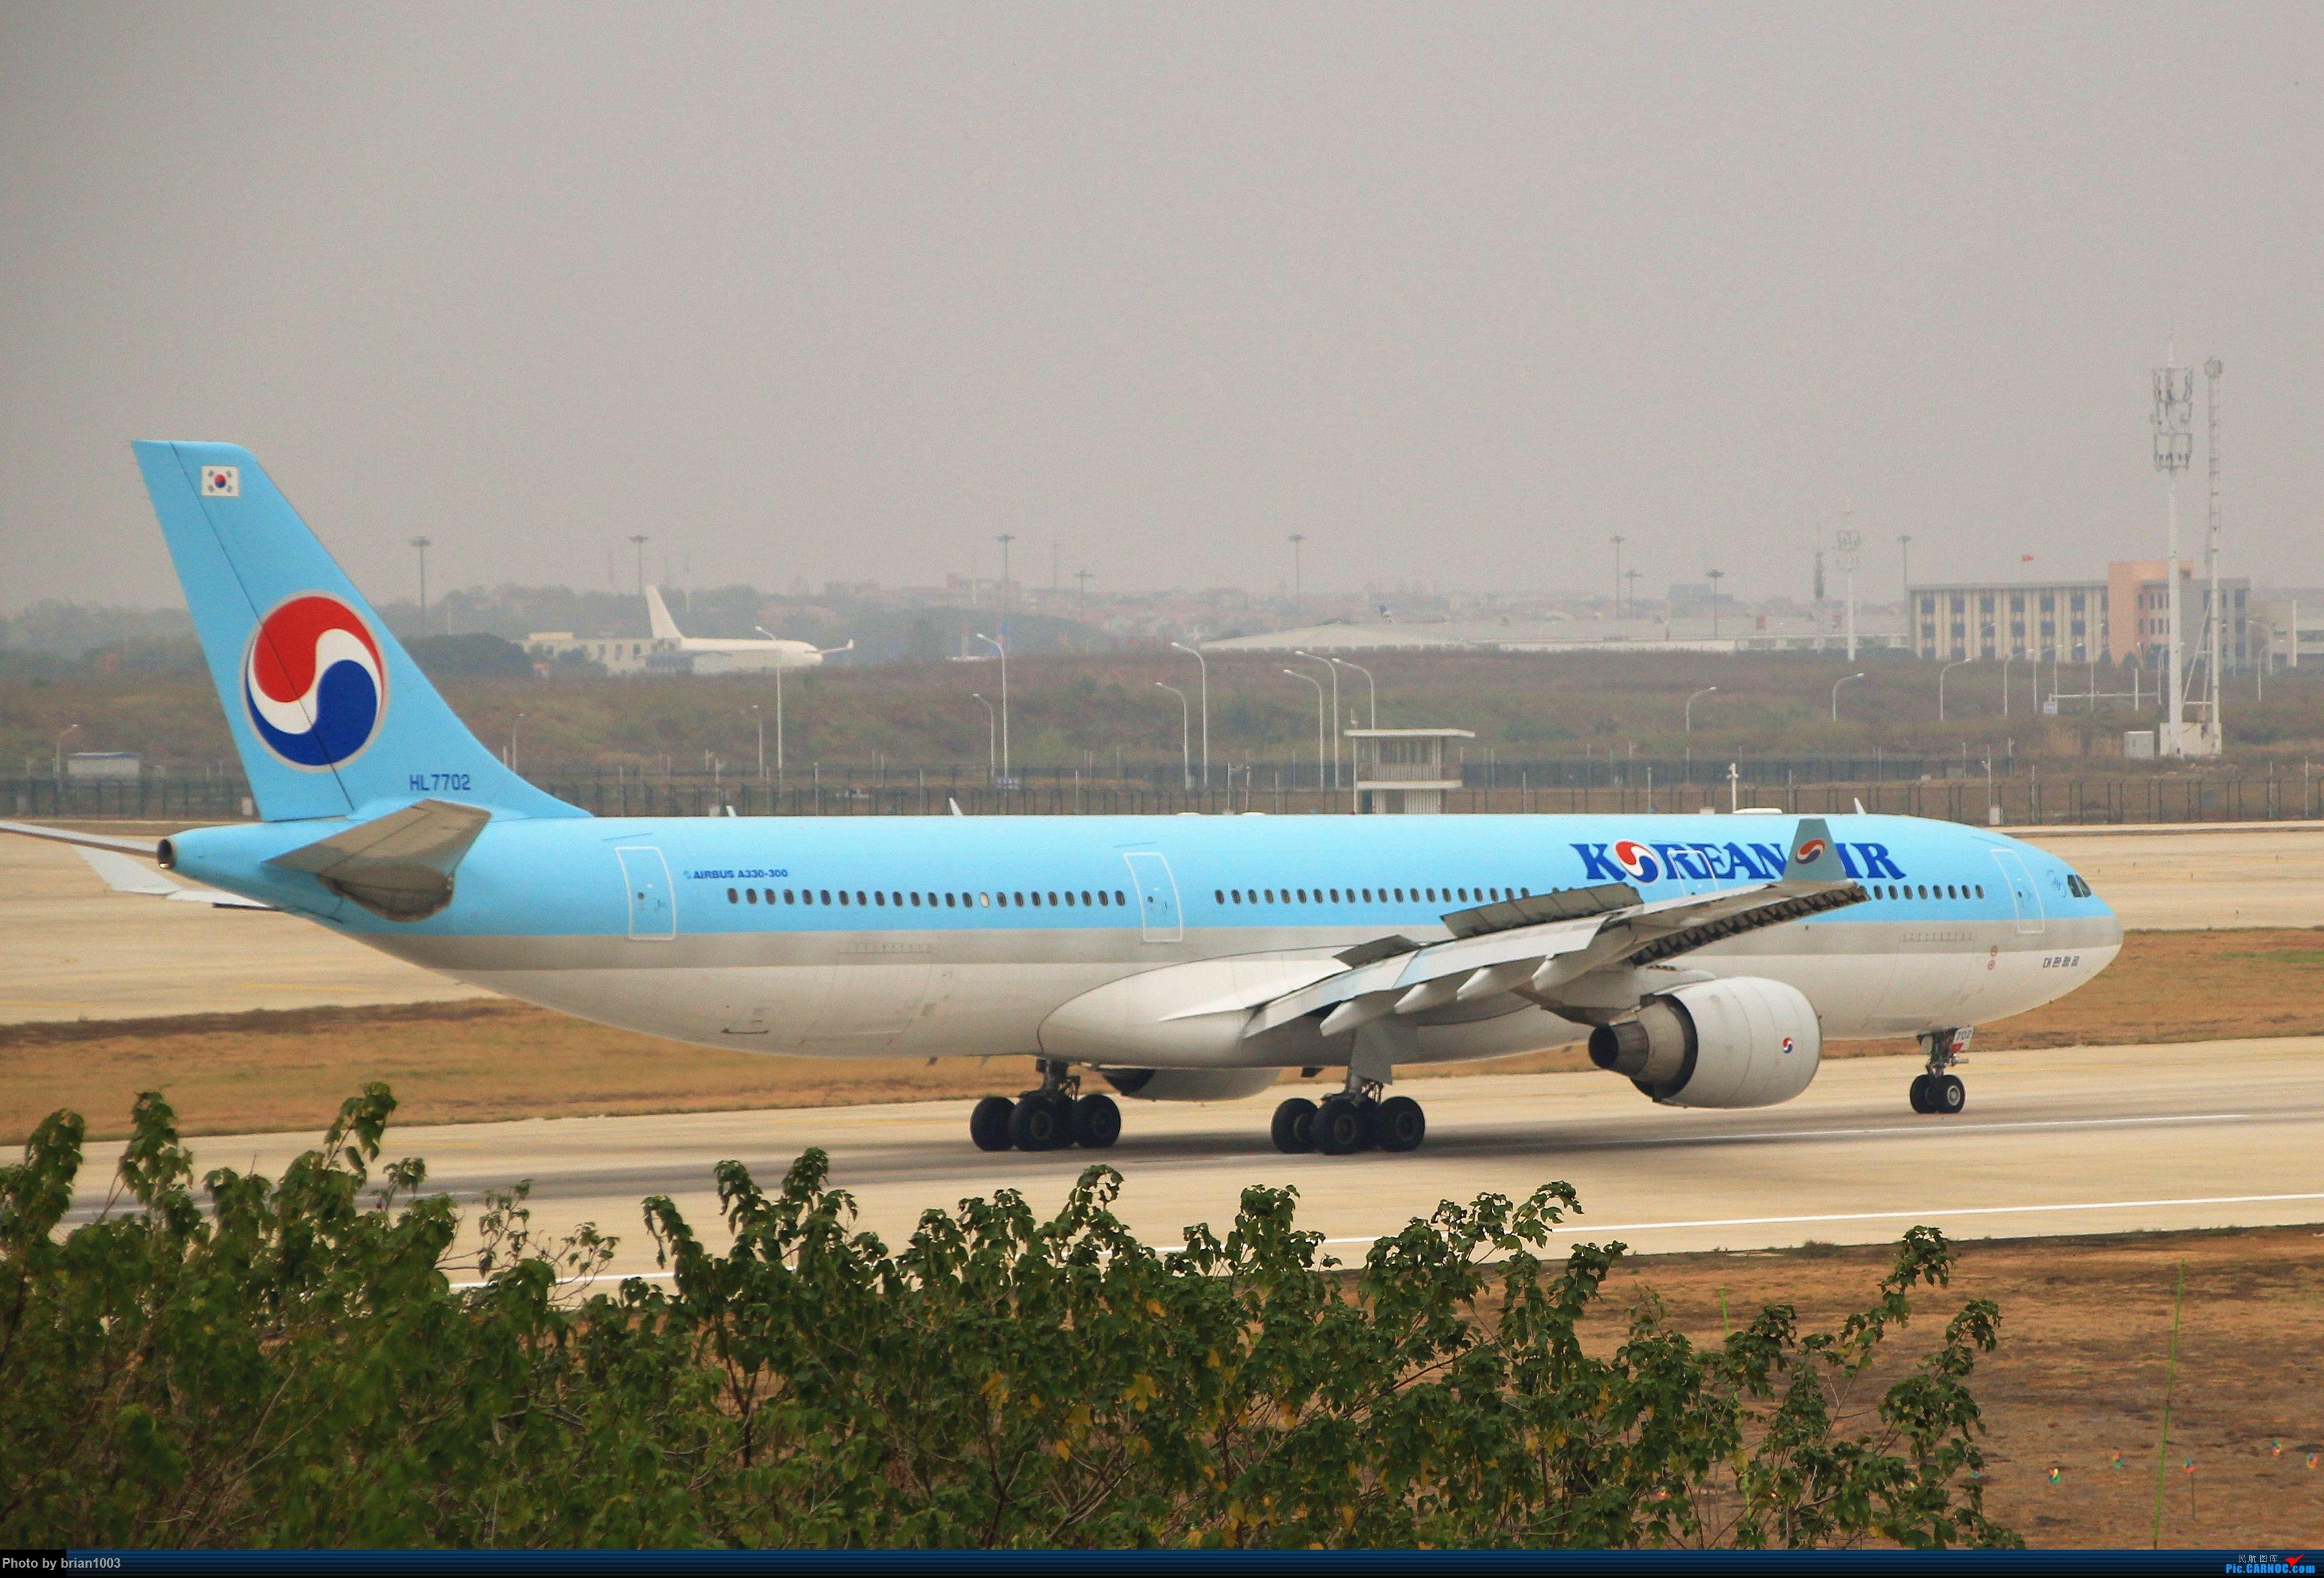 Re:[原创]WUH武汉天河机场拍机之精彩满满的十月(还可能更新) AIRBUS A330-300 HL7702 中国武汉天河国际机场